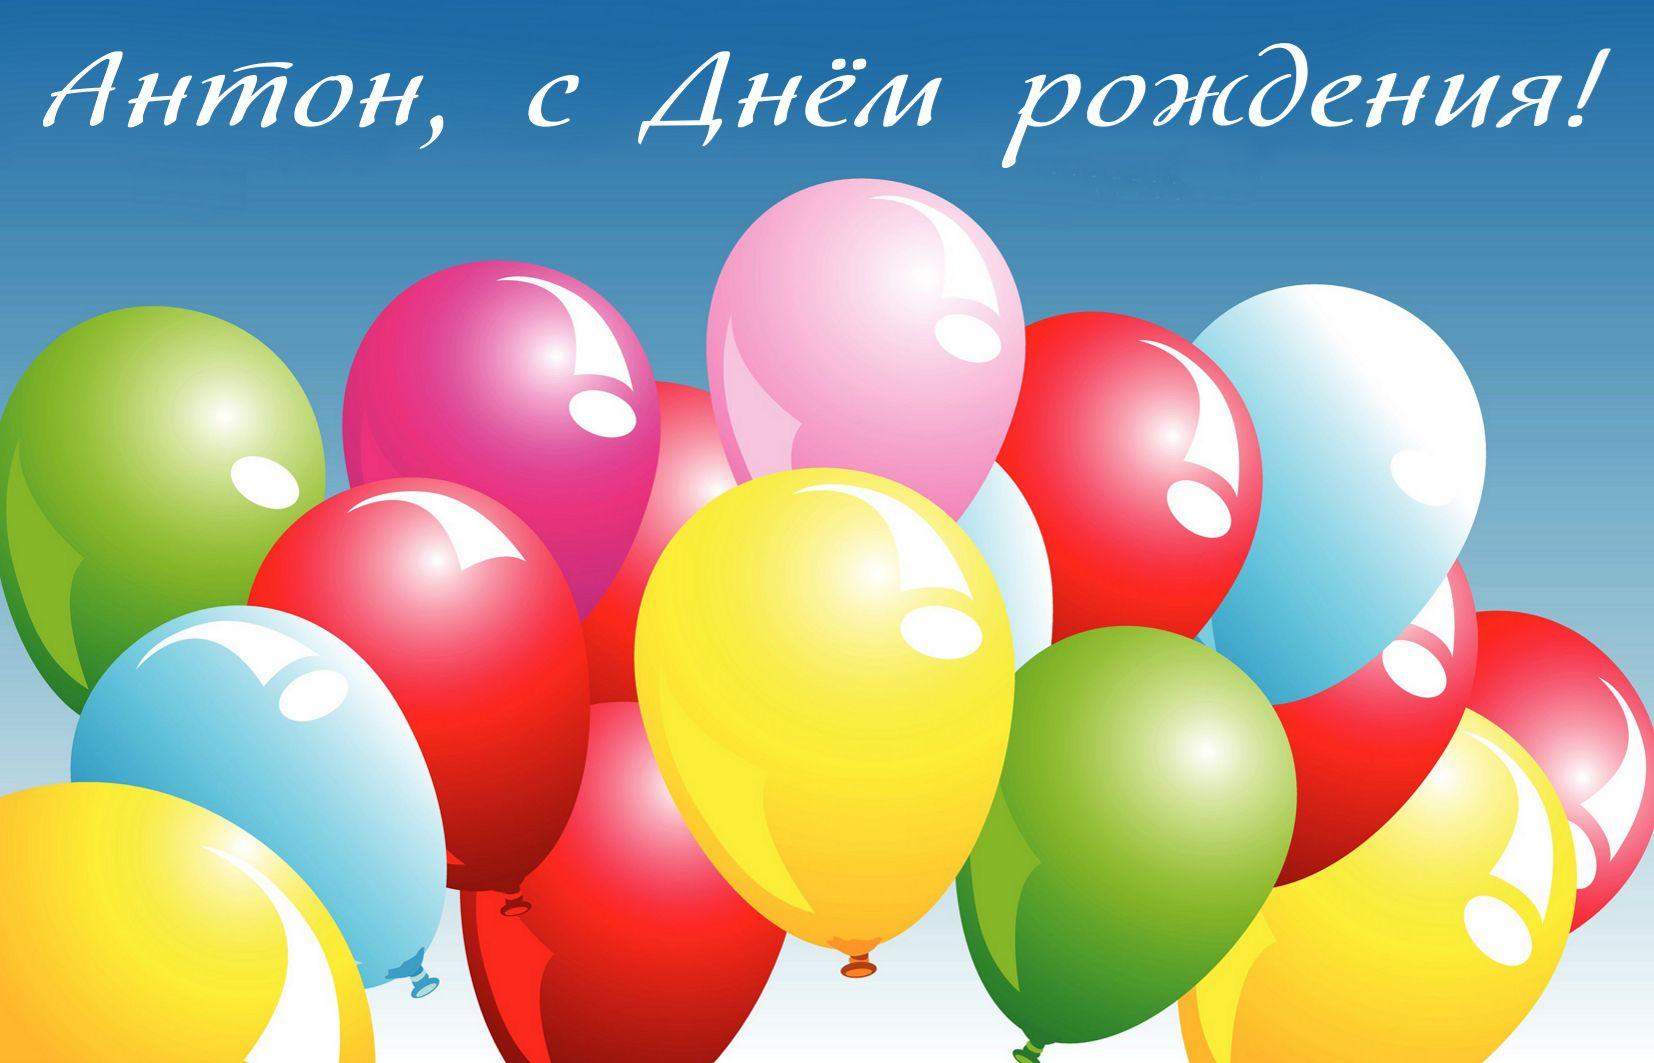 Поздравления с днём рождения мама мужа